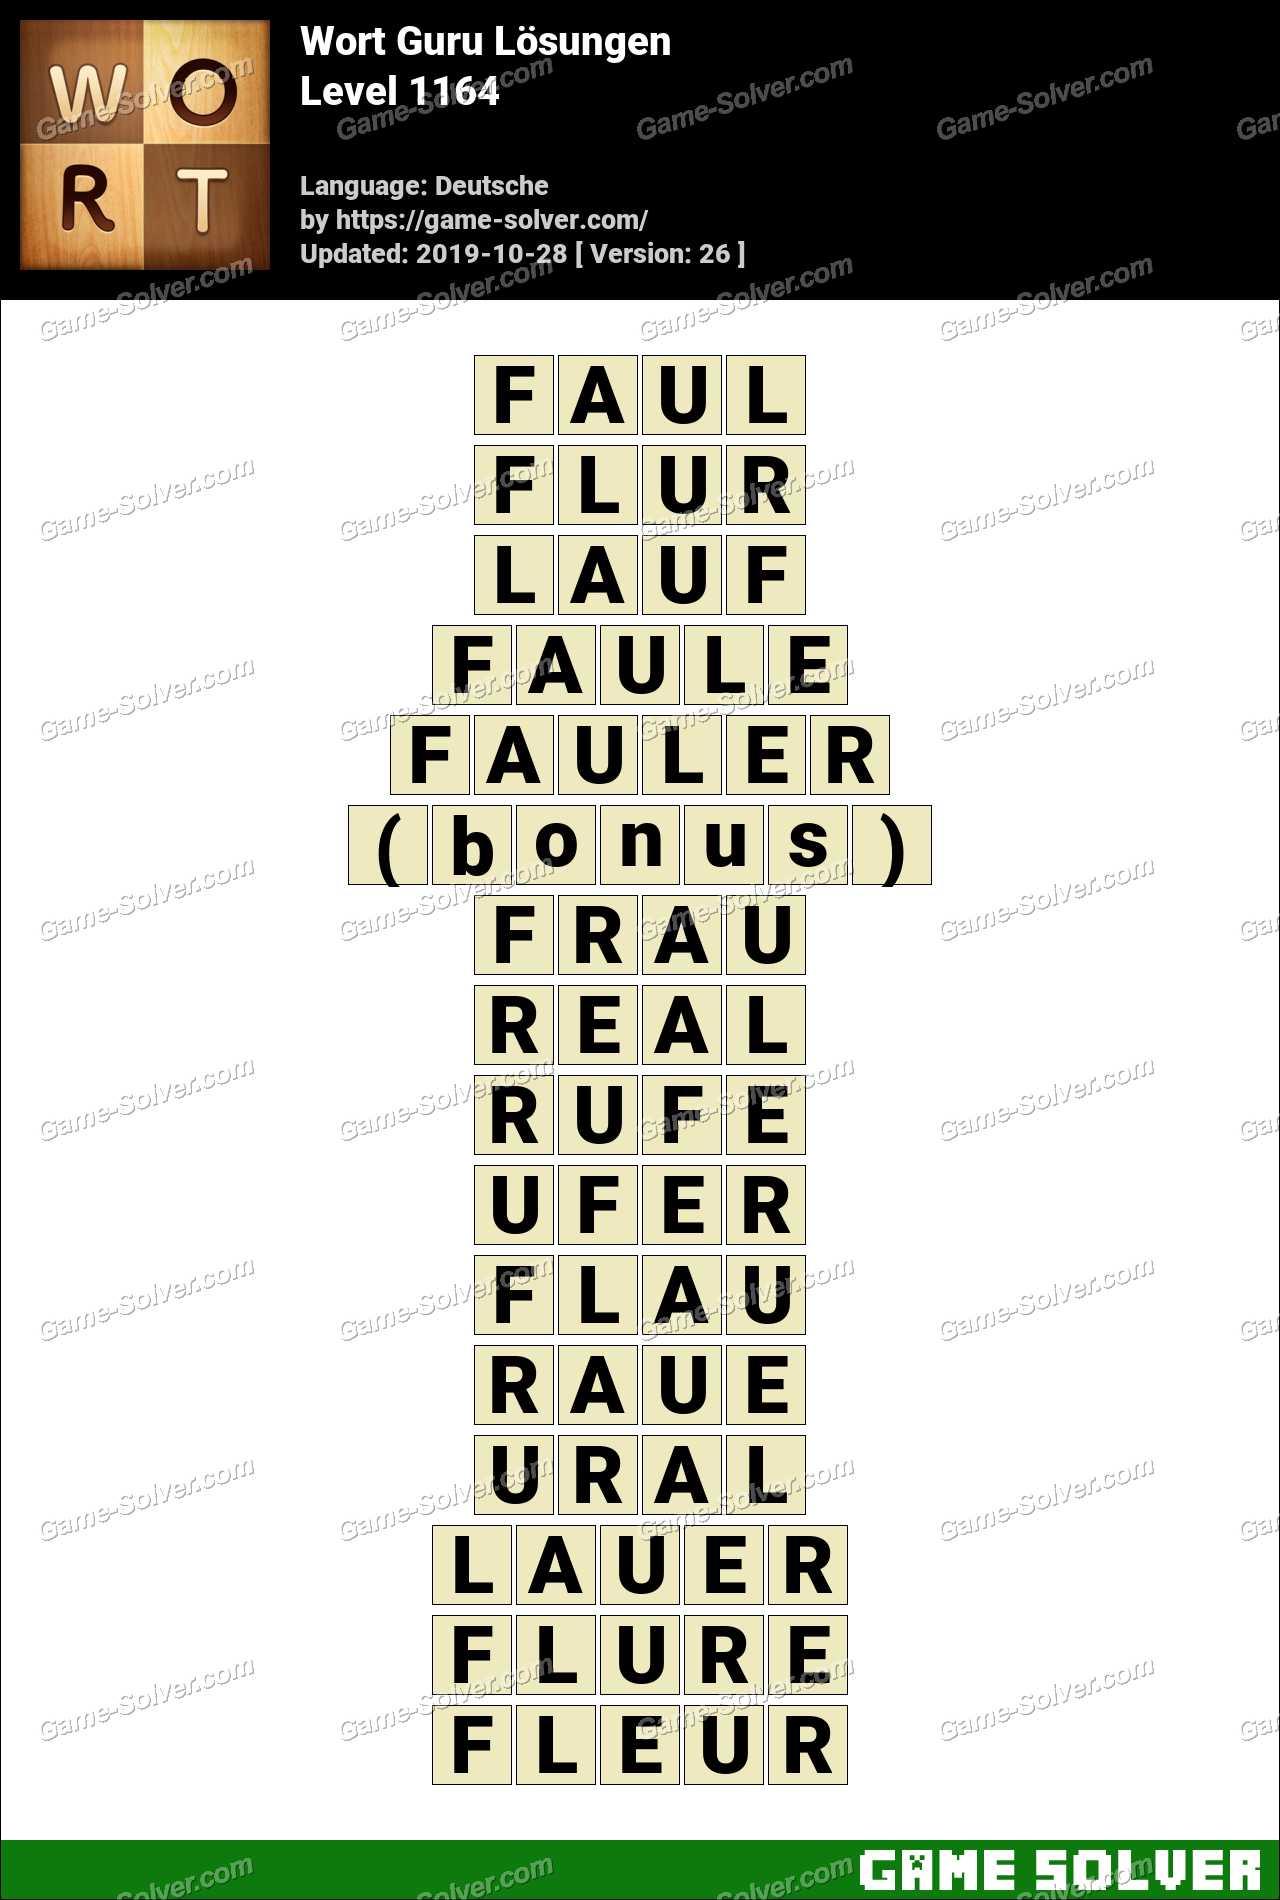 Wort Guru Level 1164 Lösungen